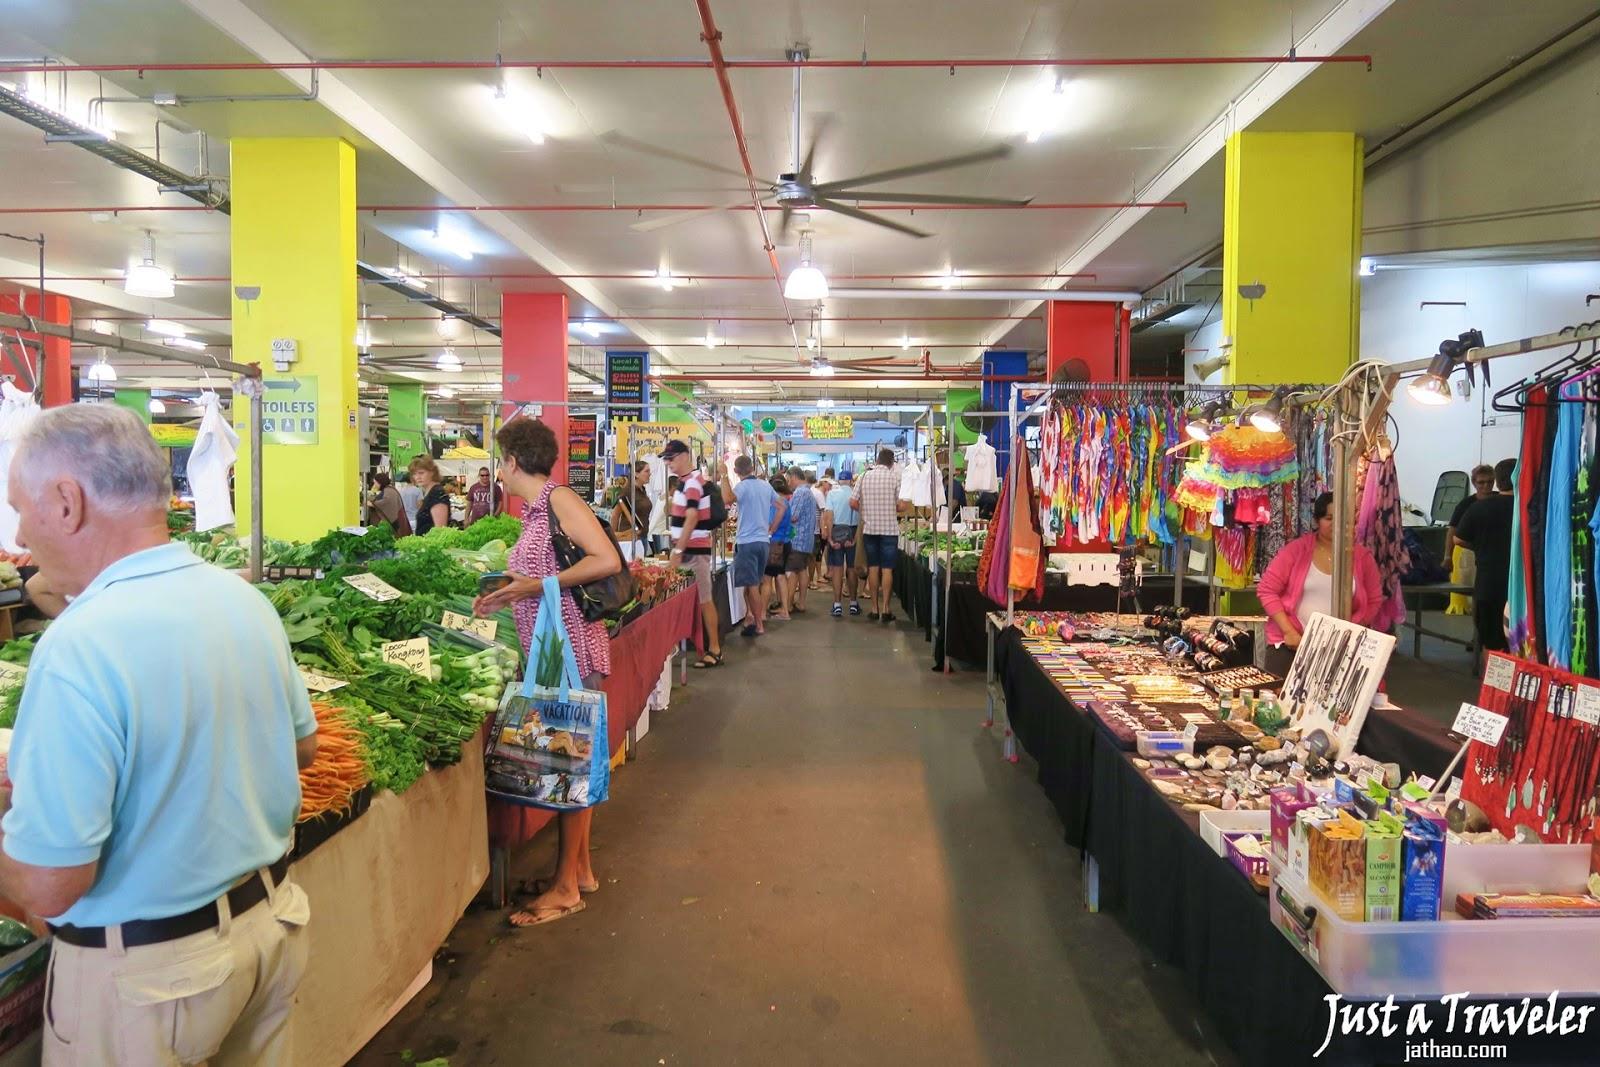 凱恩斯-景點-推薦-羅斯地假日市集-旅遊-自由行-澳洲-Cairns-Tourist-Attraction-Rusty's-Markets-Travel-Australia